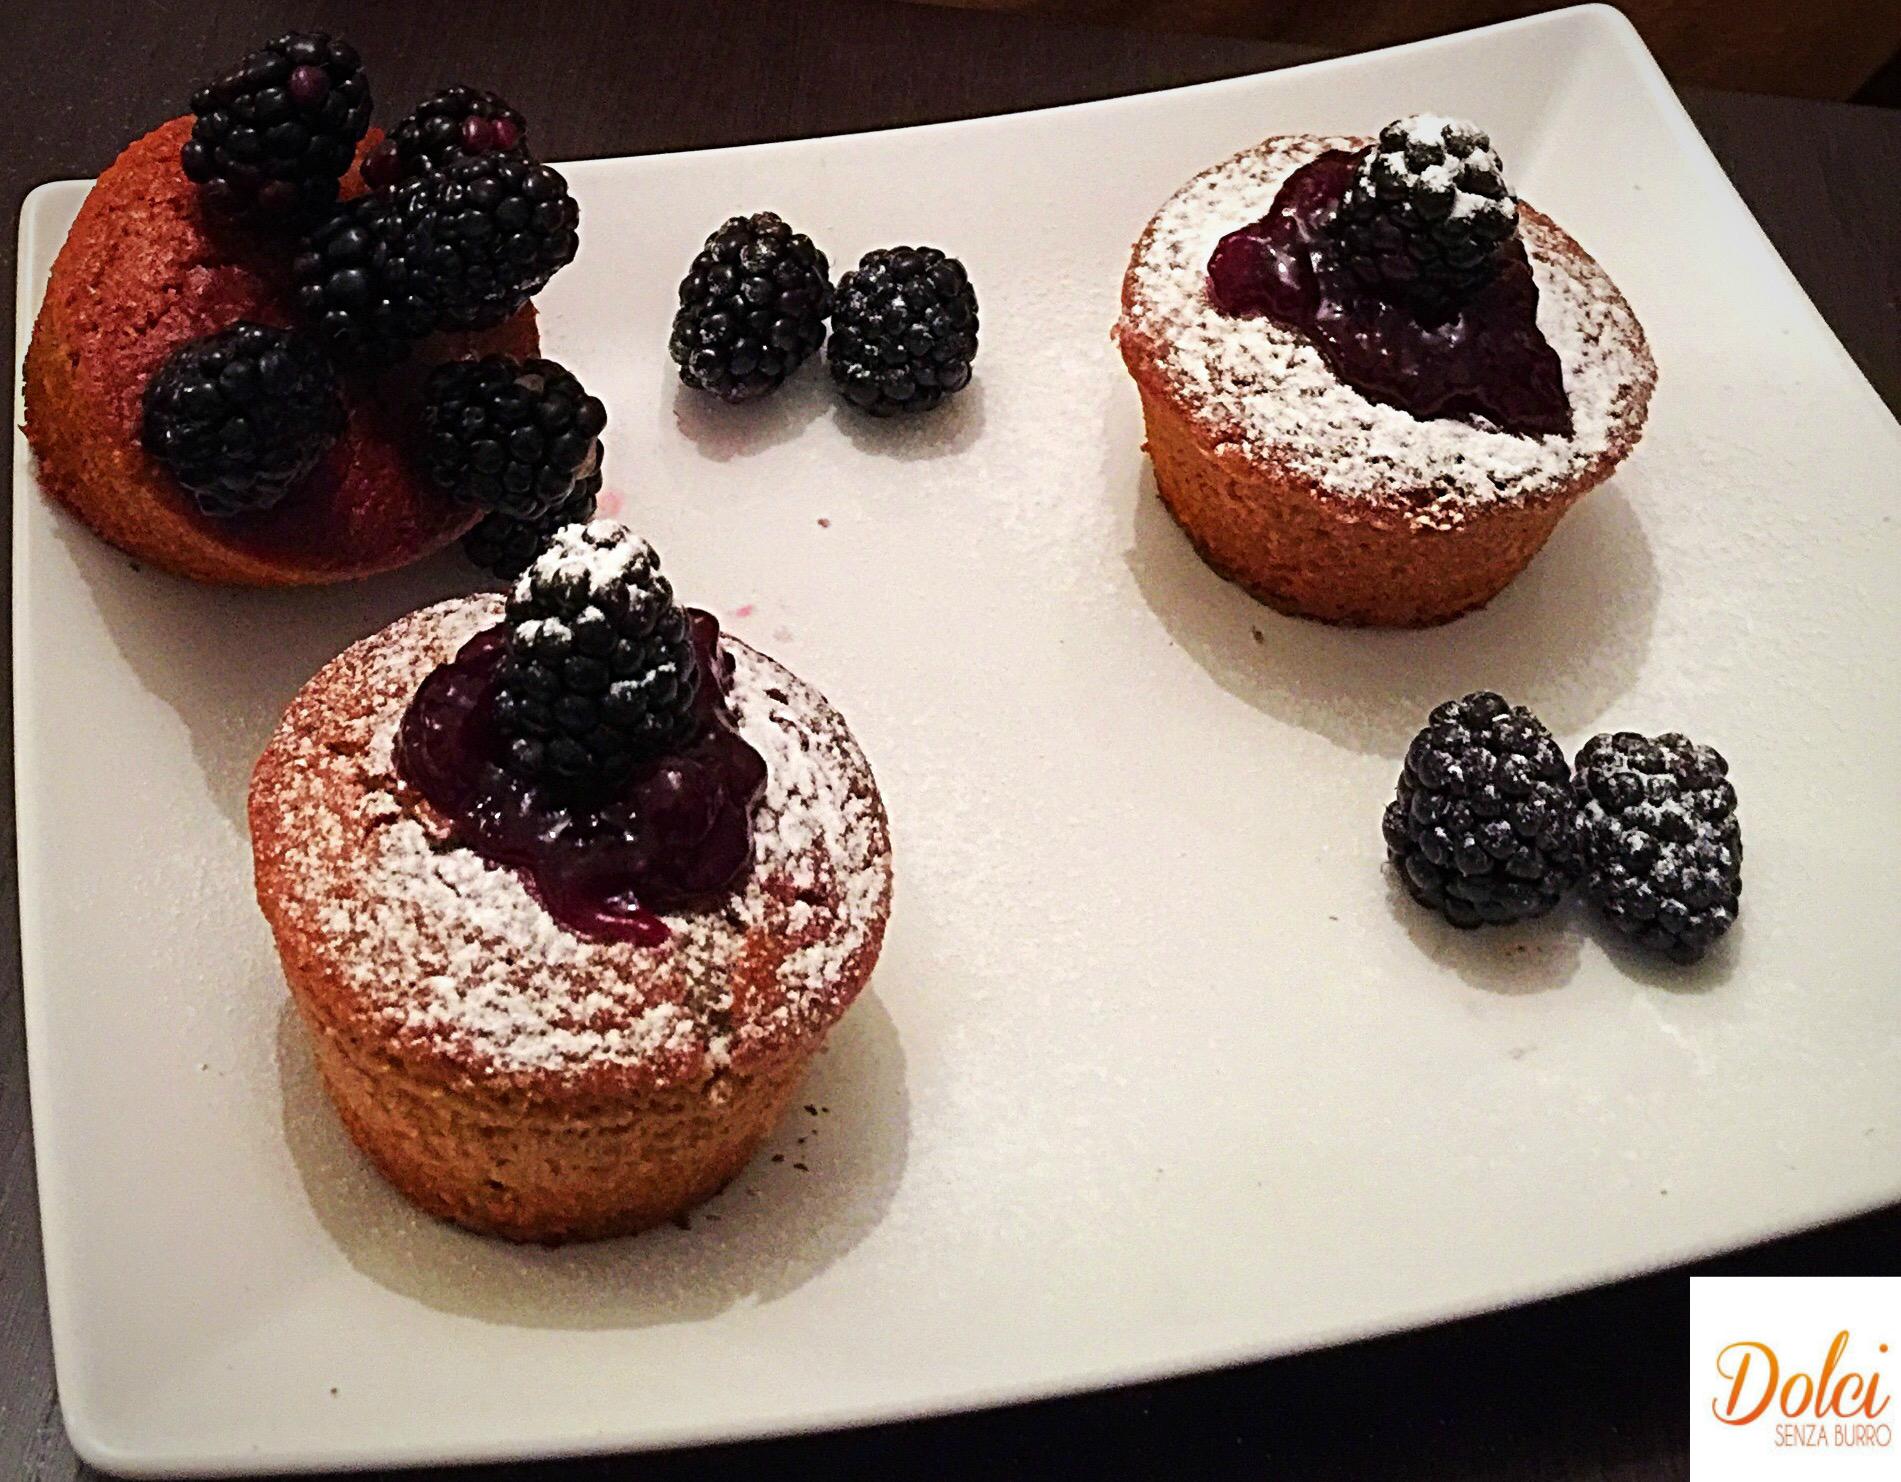 Muffin alle More Senza Burro, un impasto goloso alla marmellata di dolci senza burro